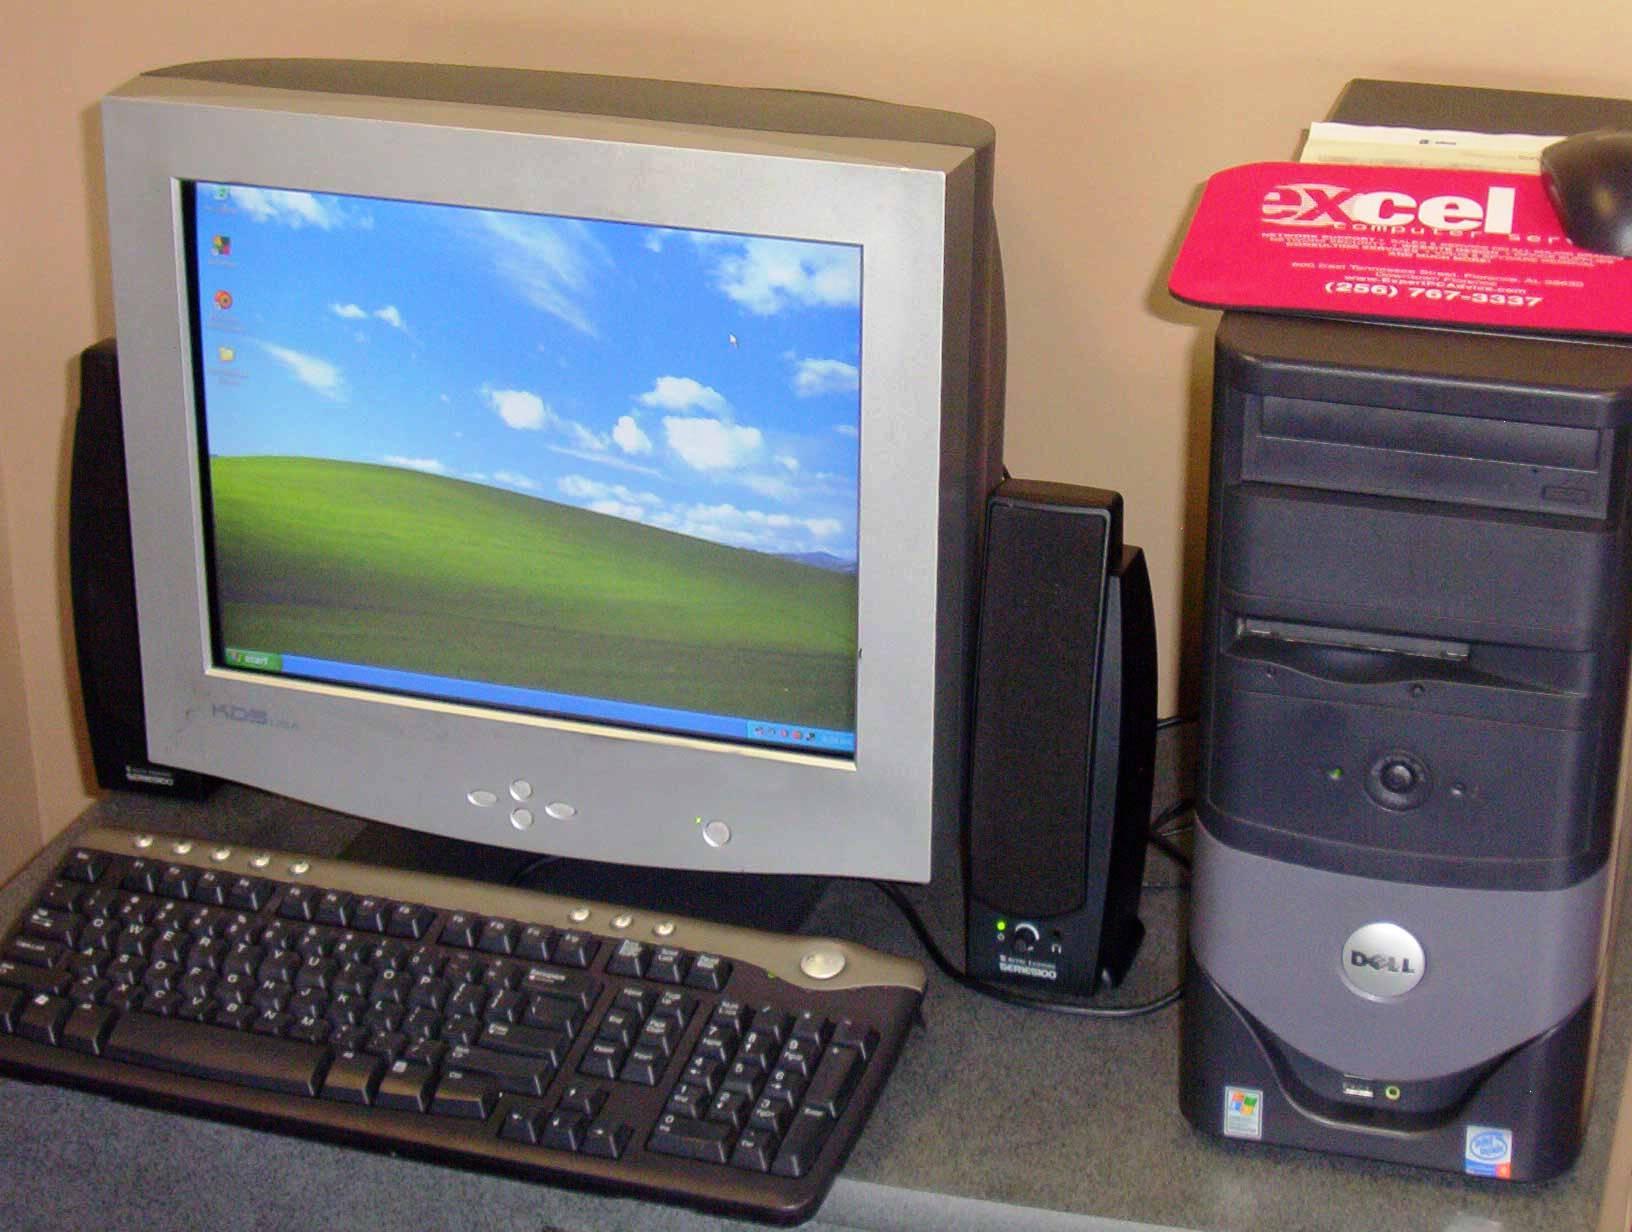 Борьба снаряда и брони: насколько растолстели программы, игры и фильмы со времён Windows XP - 4